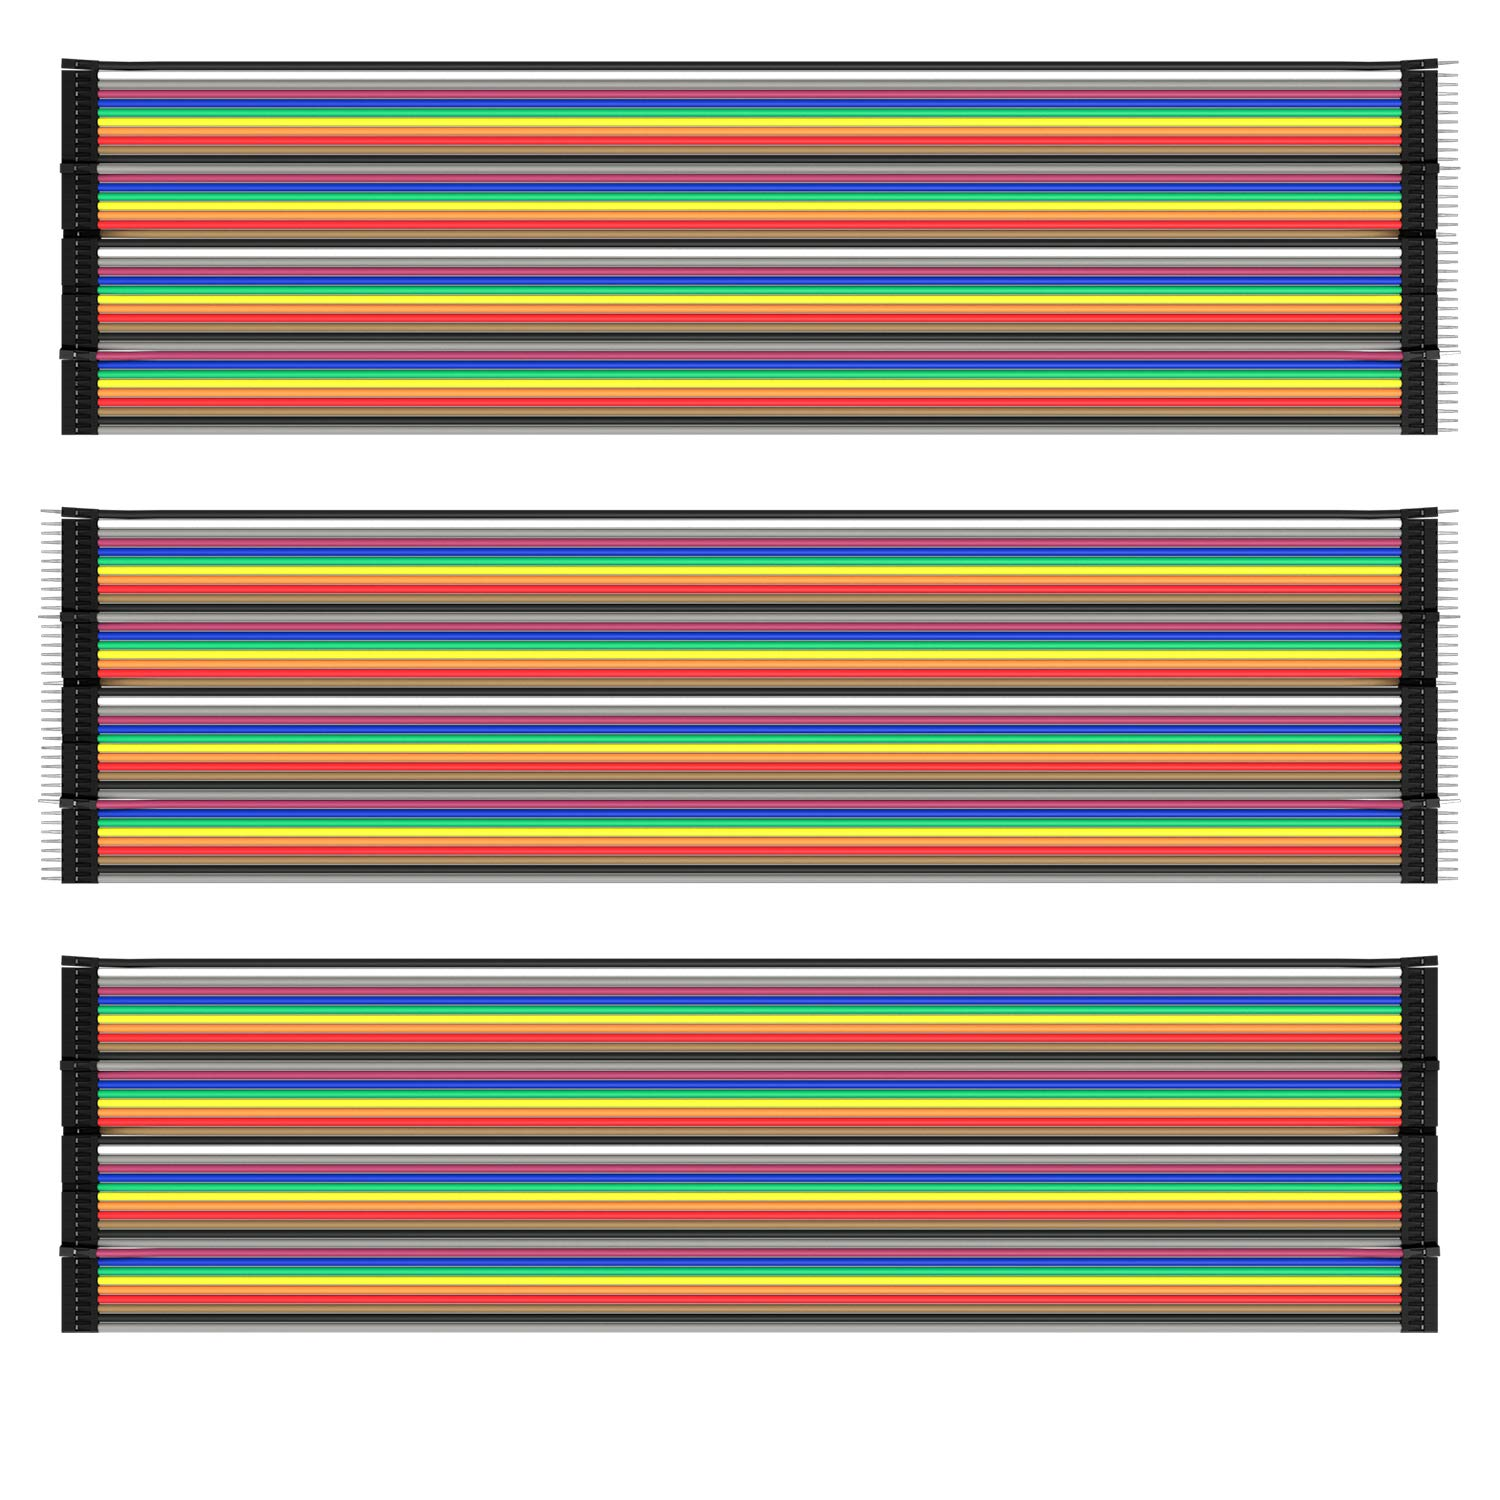 AZDelivery Jumper Wire Cables de Puente 20 cm 3 x 40 pcs cada uno Macho-Hembra/Macho-Macho/Hembra-Hembra compatible con Arduino y Raspberry Pi Breadboard con E-Book incluido! (120 pcs)